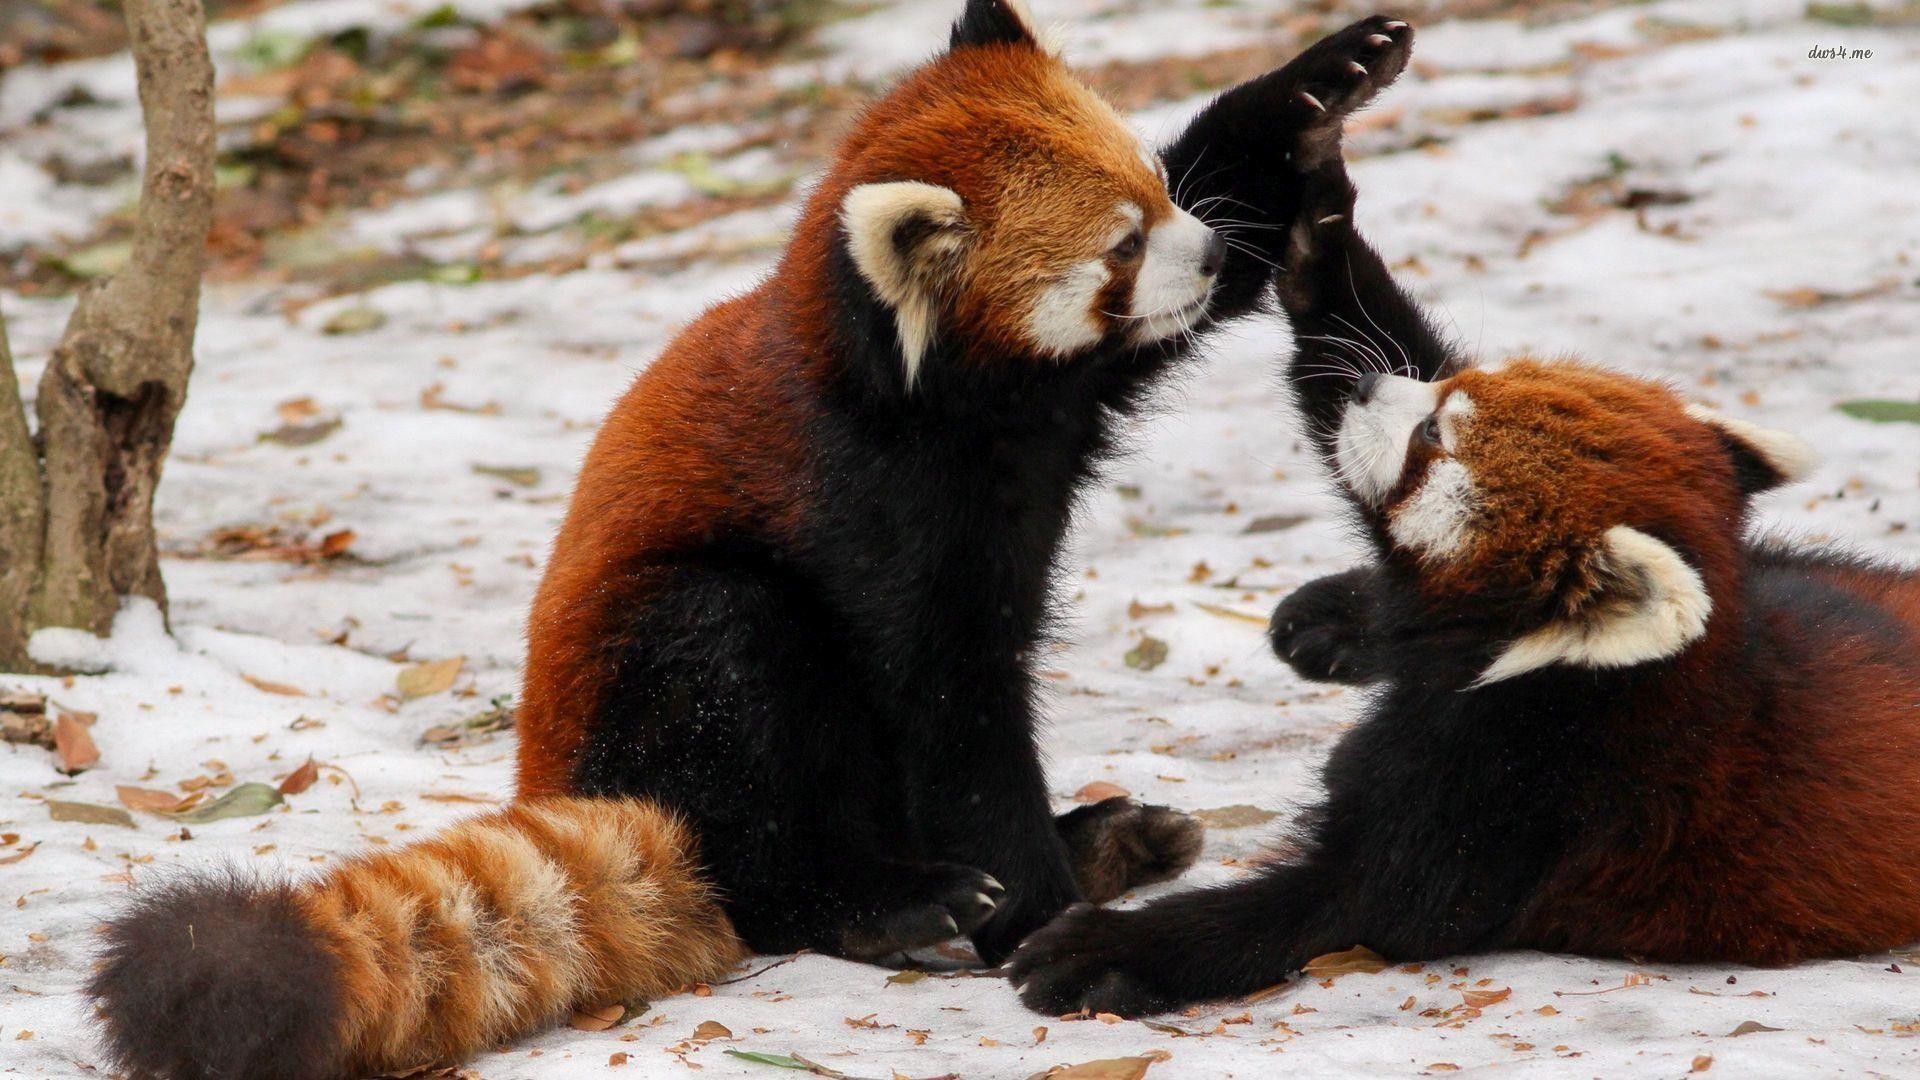 Red Panda Wallpapers Free